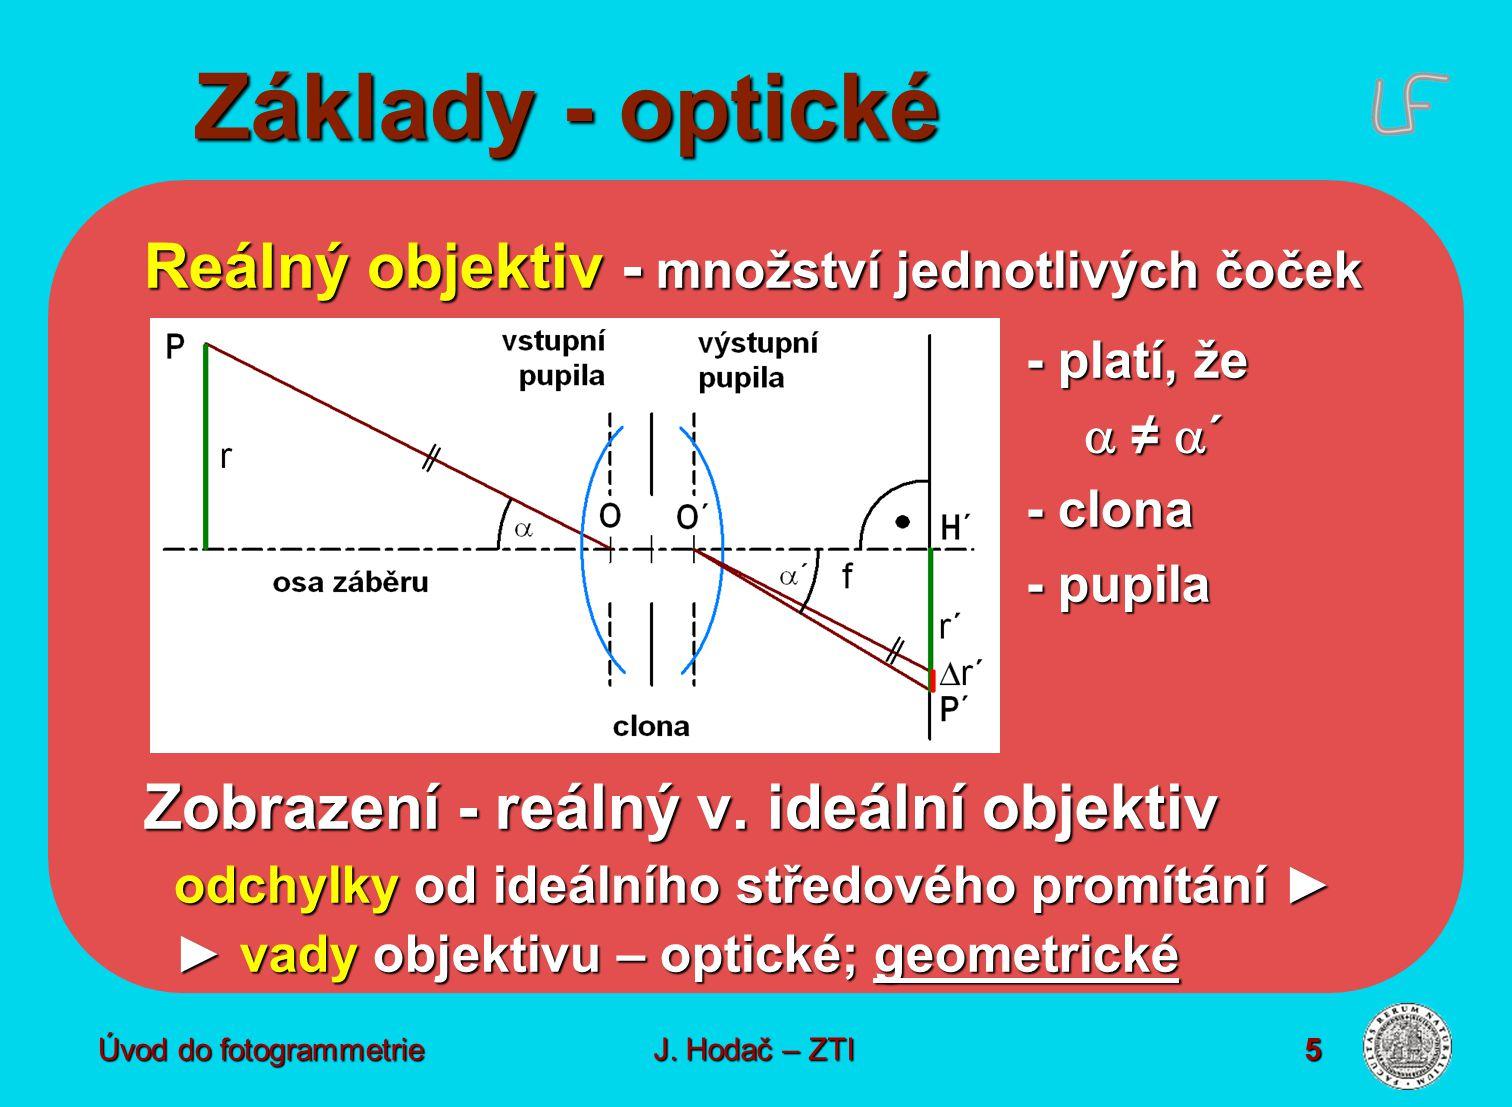 Úvod do fotogrammetrie5 Základy - optické Reálný objektiv - množství jednotlivých čoček - platí, že  ≠  ´ - clona - pupila Zobrazení - reálný v.